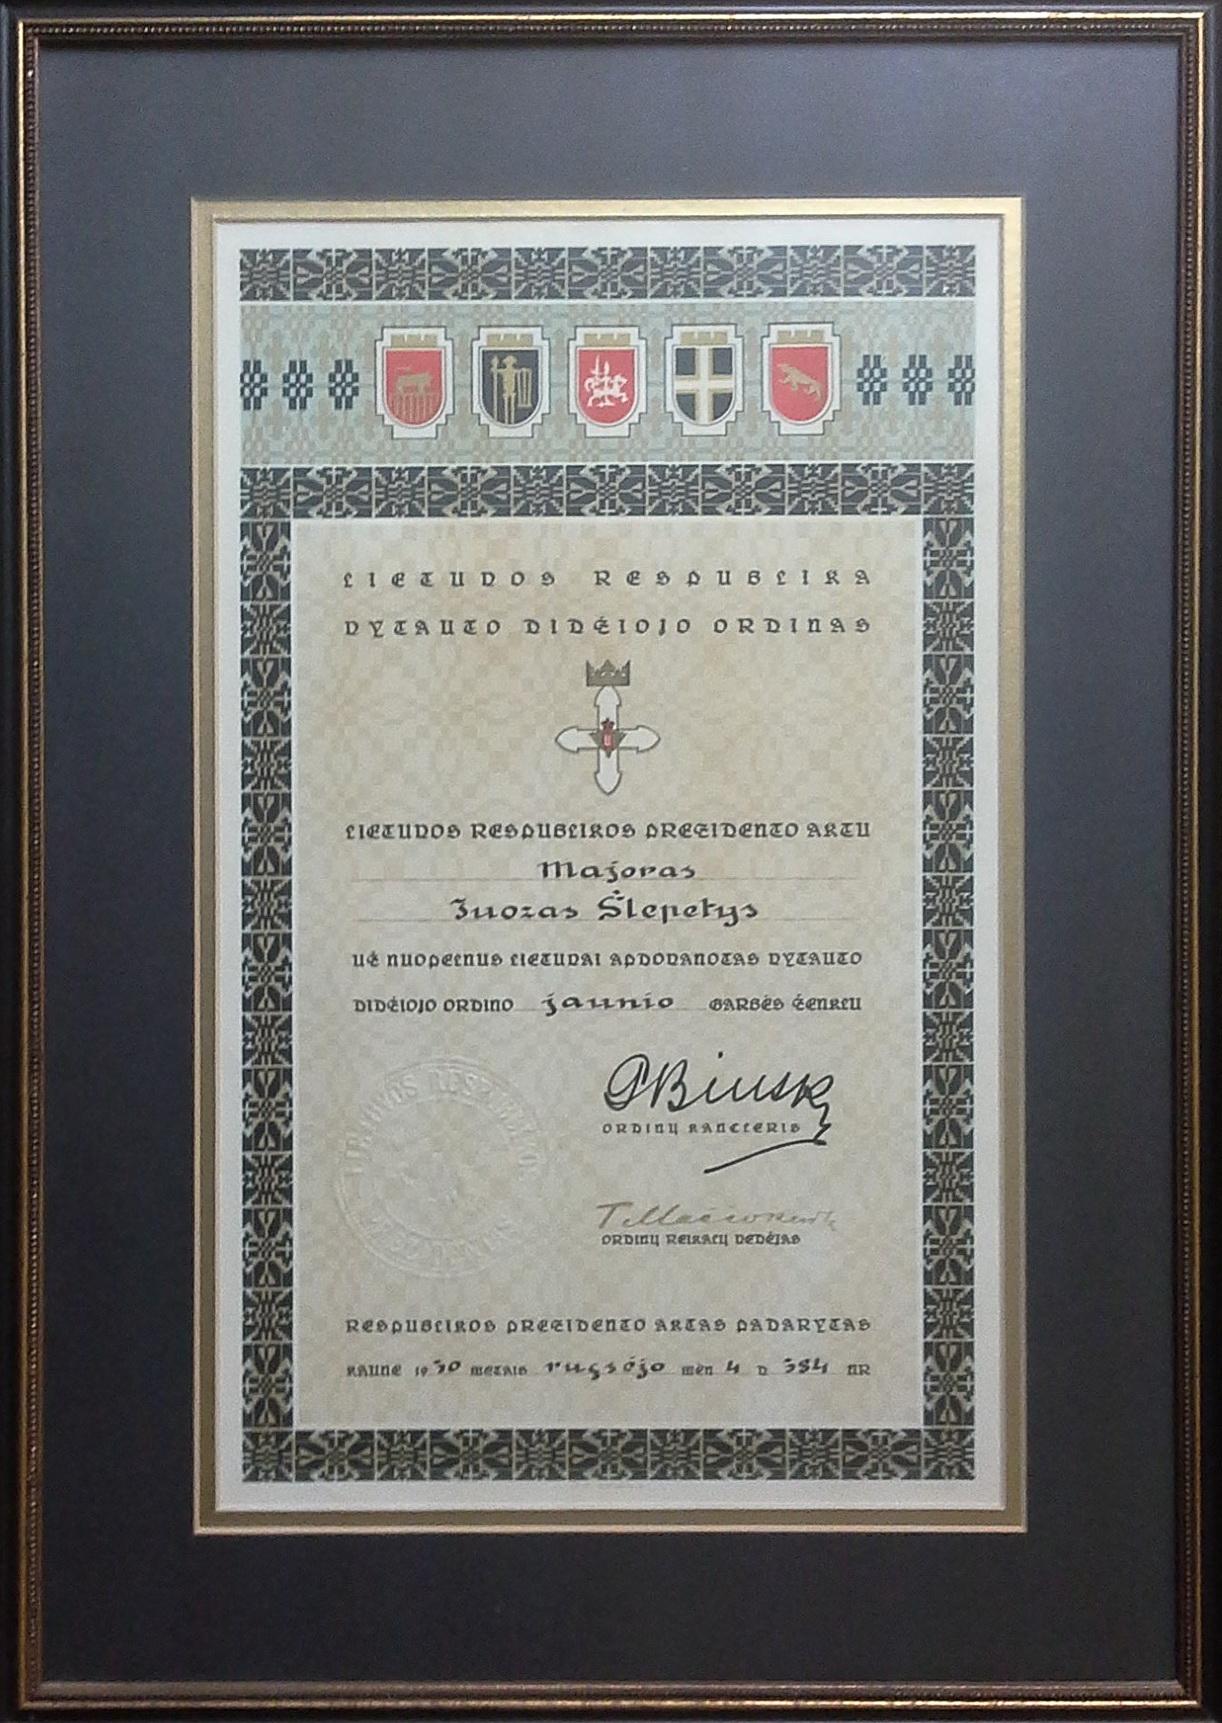 Vytauto Didžiojo ordino jaunio garbės ženklo pažymėjimas. Kaunas, 1930 m. rugsėjo 4 d.